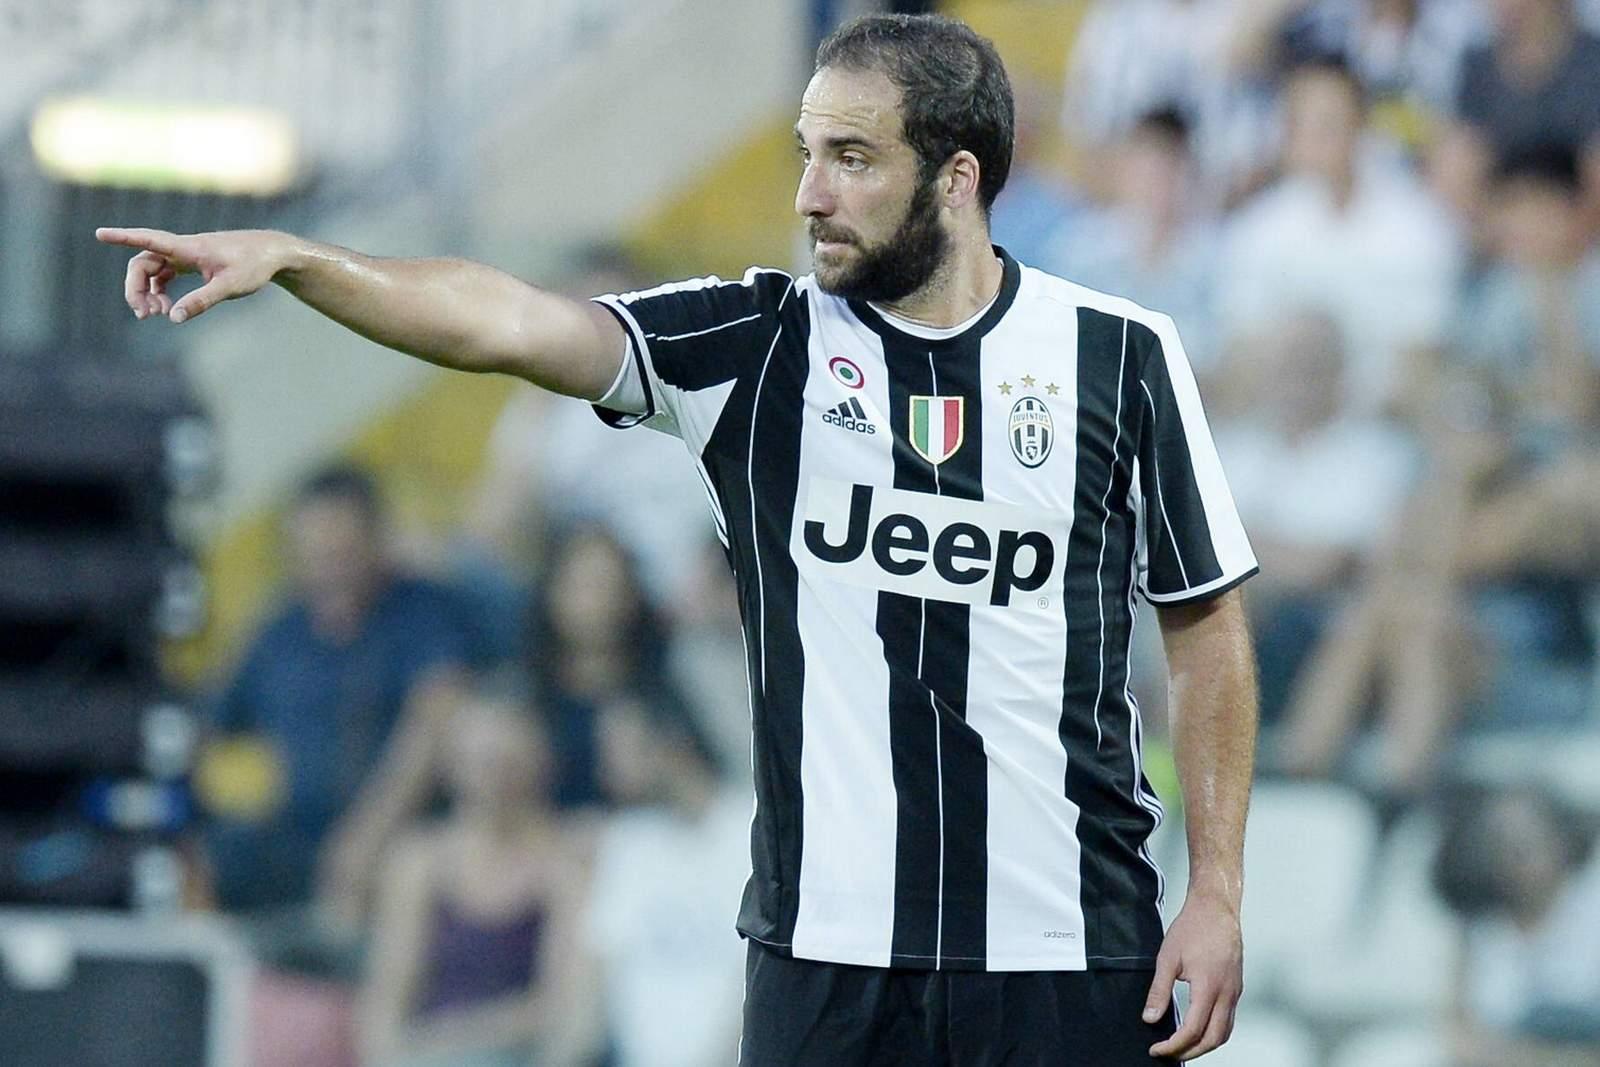 Trifft Higuain wieder? Jetzt auf Juventus gegen Lazio Rom wetten